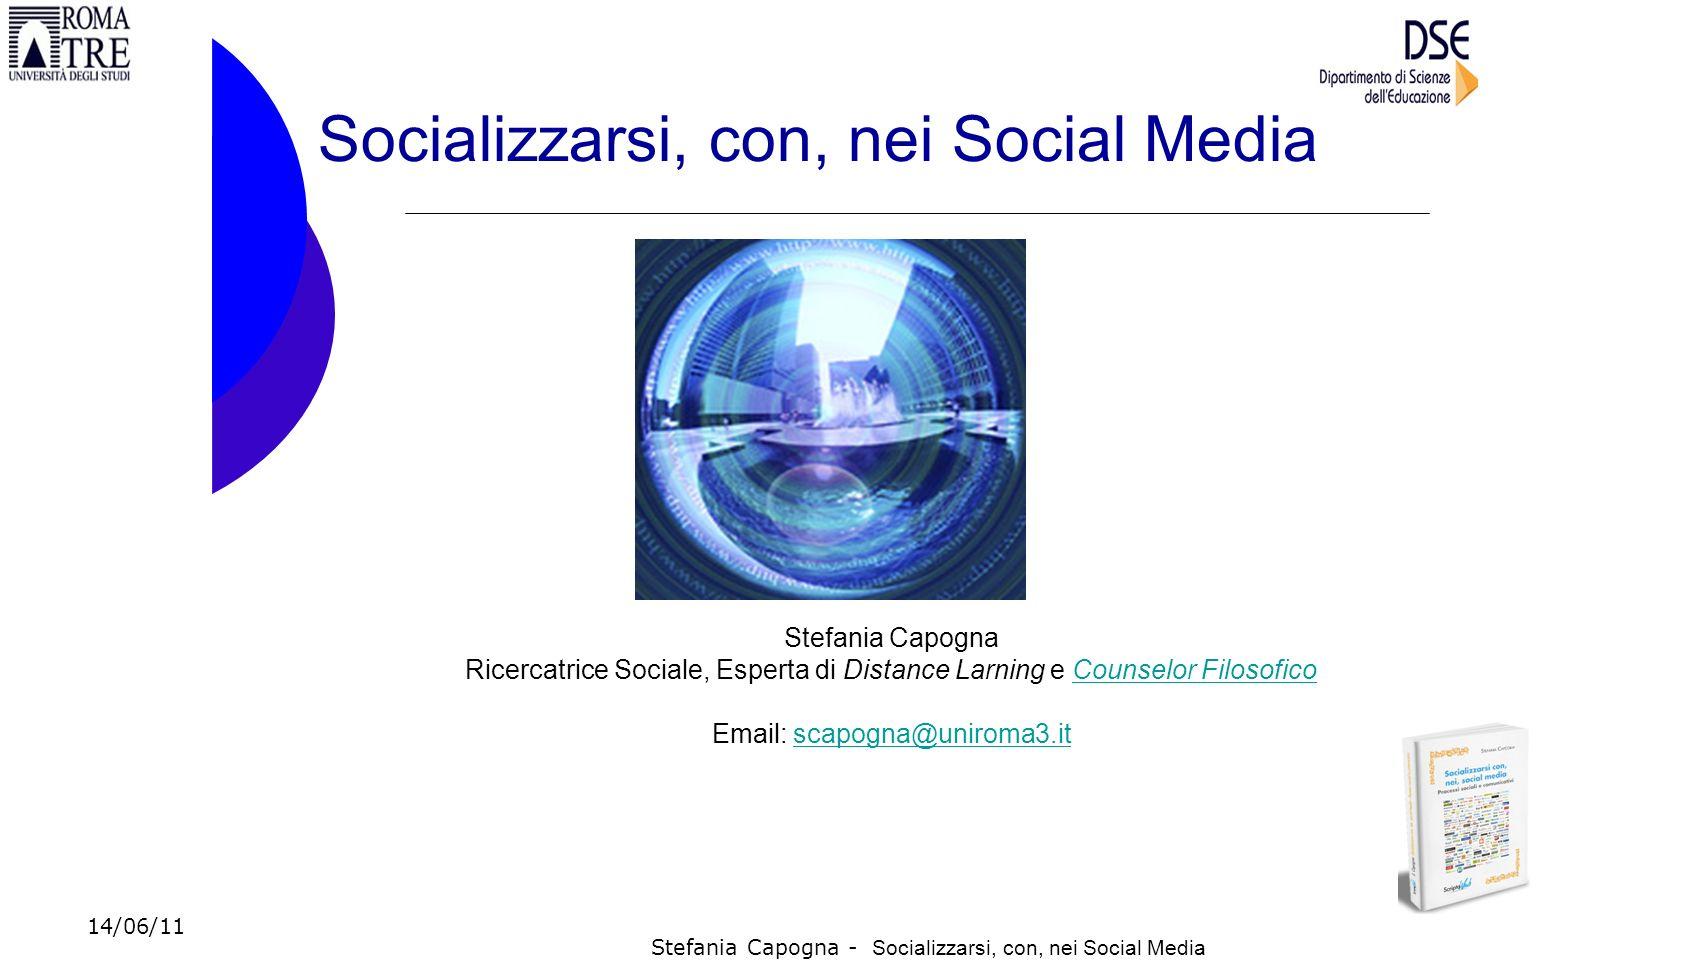 Stefania Capogna - Socializzarsi, con, nei Social Media Stefania Capogna Ricercatrice Sociale, Esperta di Distance Larning e Counselor FilosoficoCouns